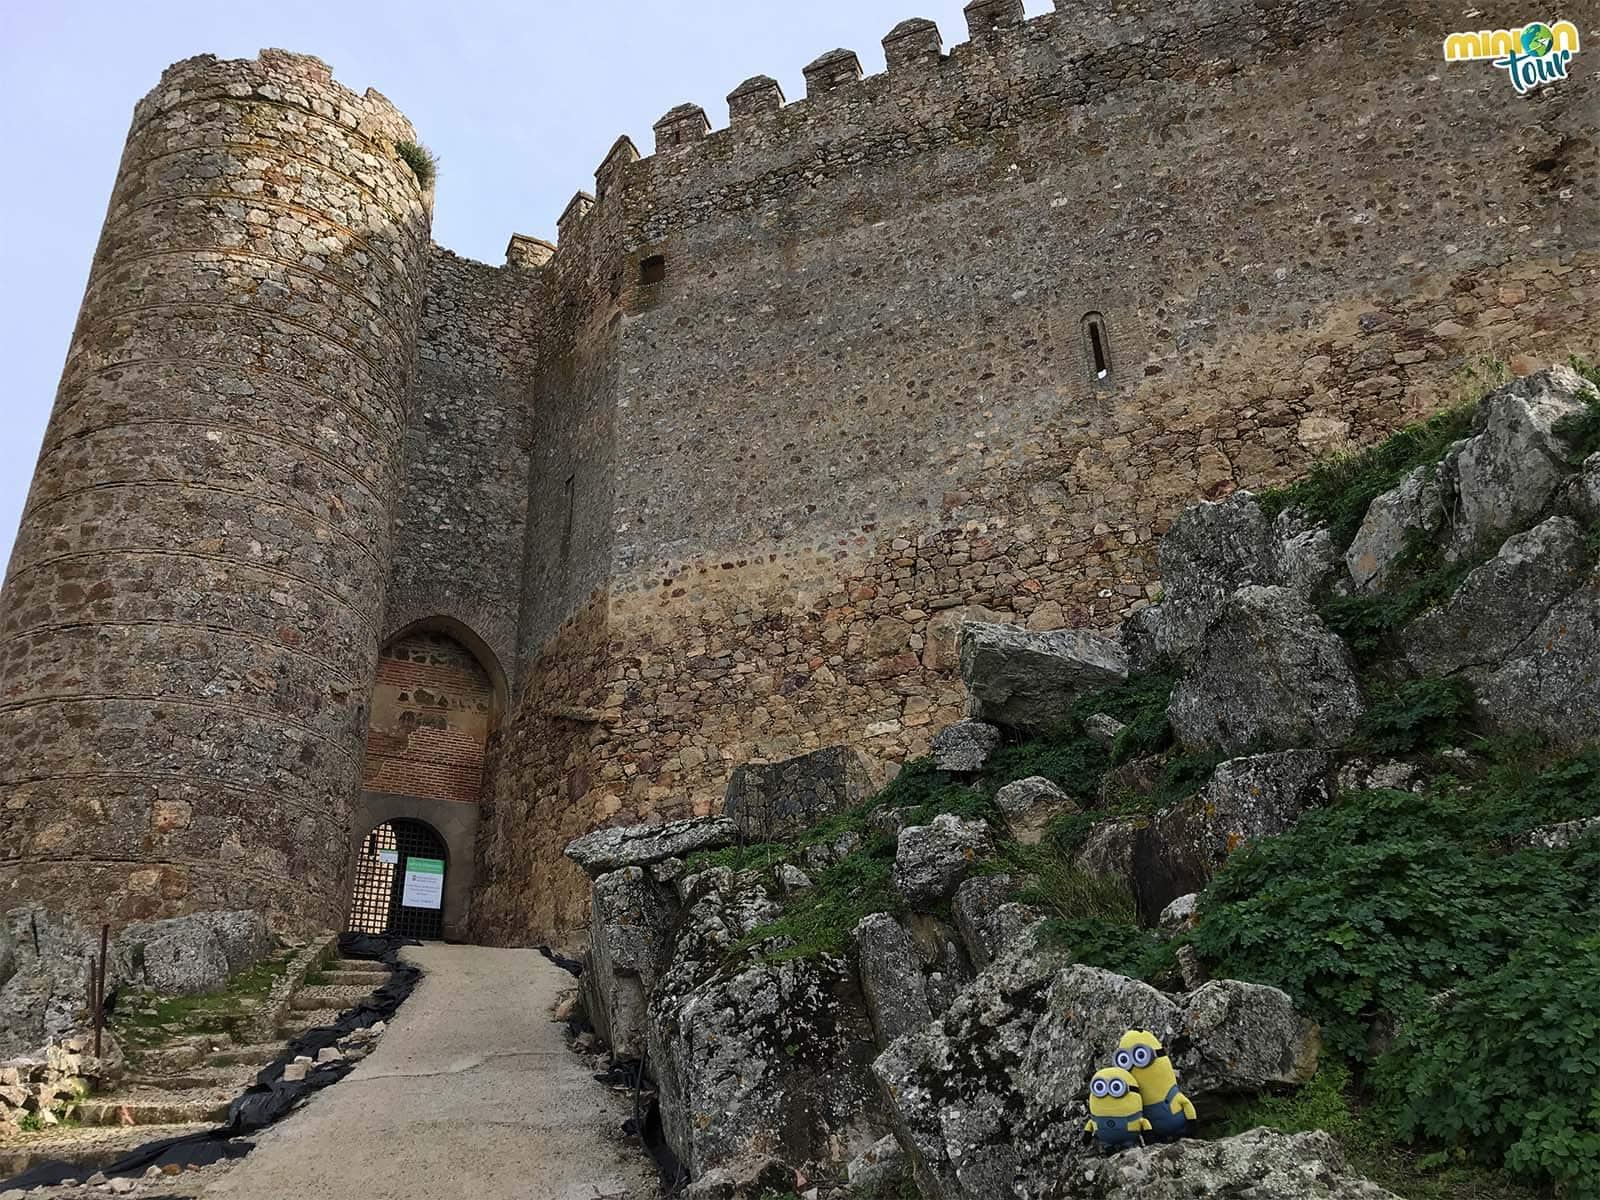 El castillo, una de las cosas que ver en Puebla de Alcocer